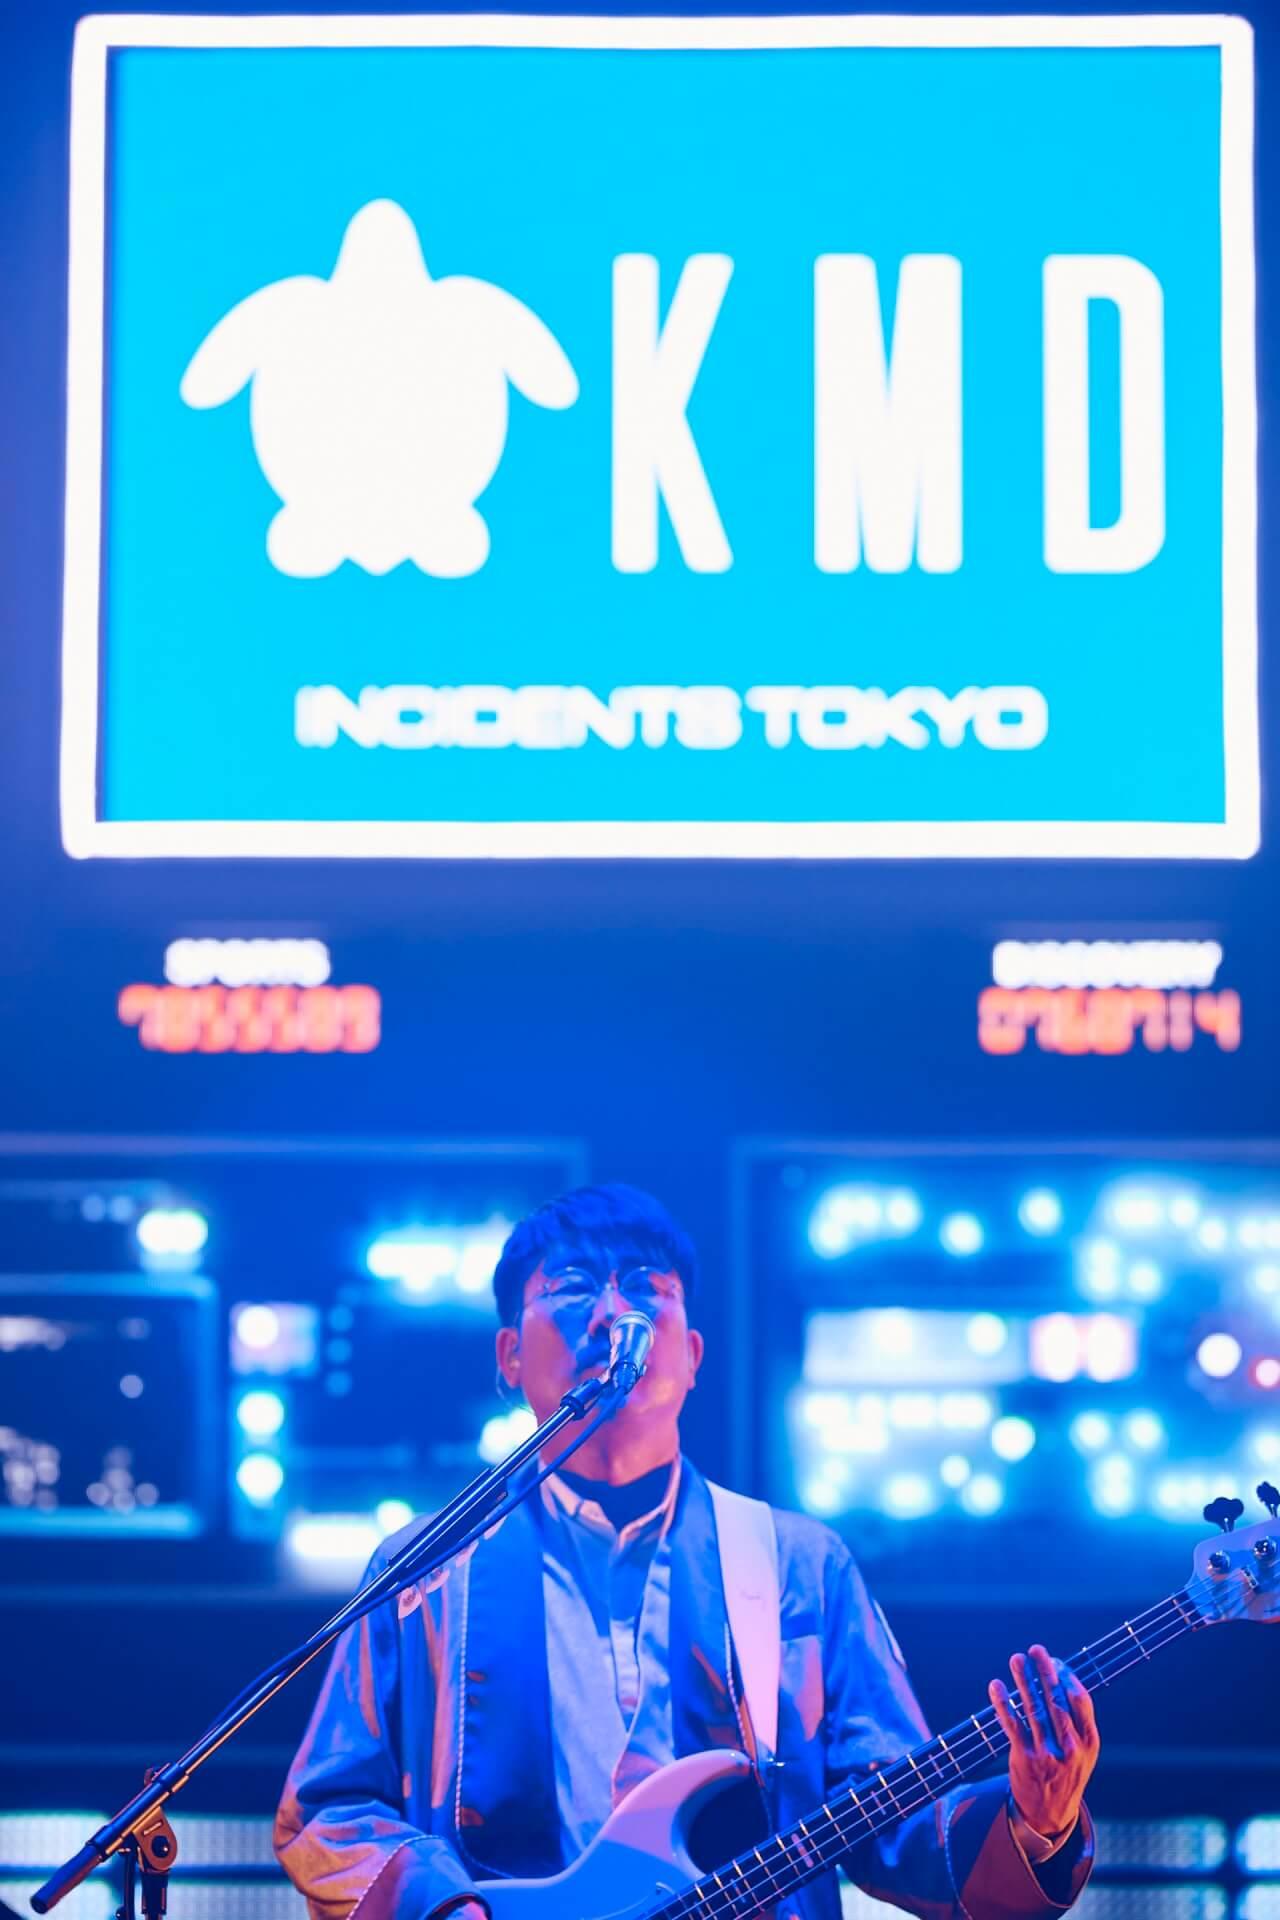 東京事変特設サイト「ニュースフラッシュ」にて、配信&映画館上映ライブのレポートが公開!椎名林檎の「衣裳ト書き」も解禁 music200916_tokyoincident_14